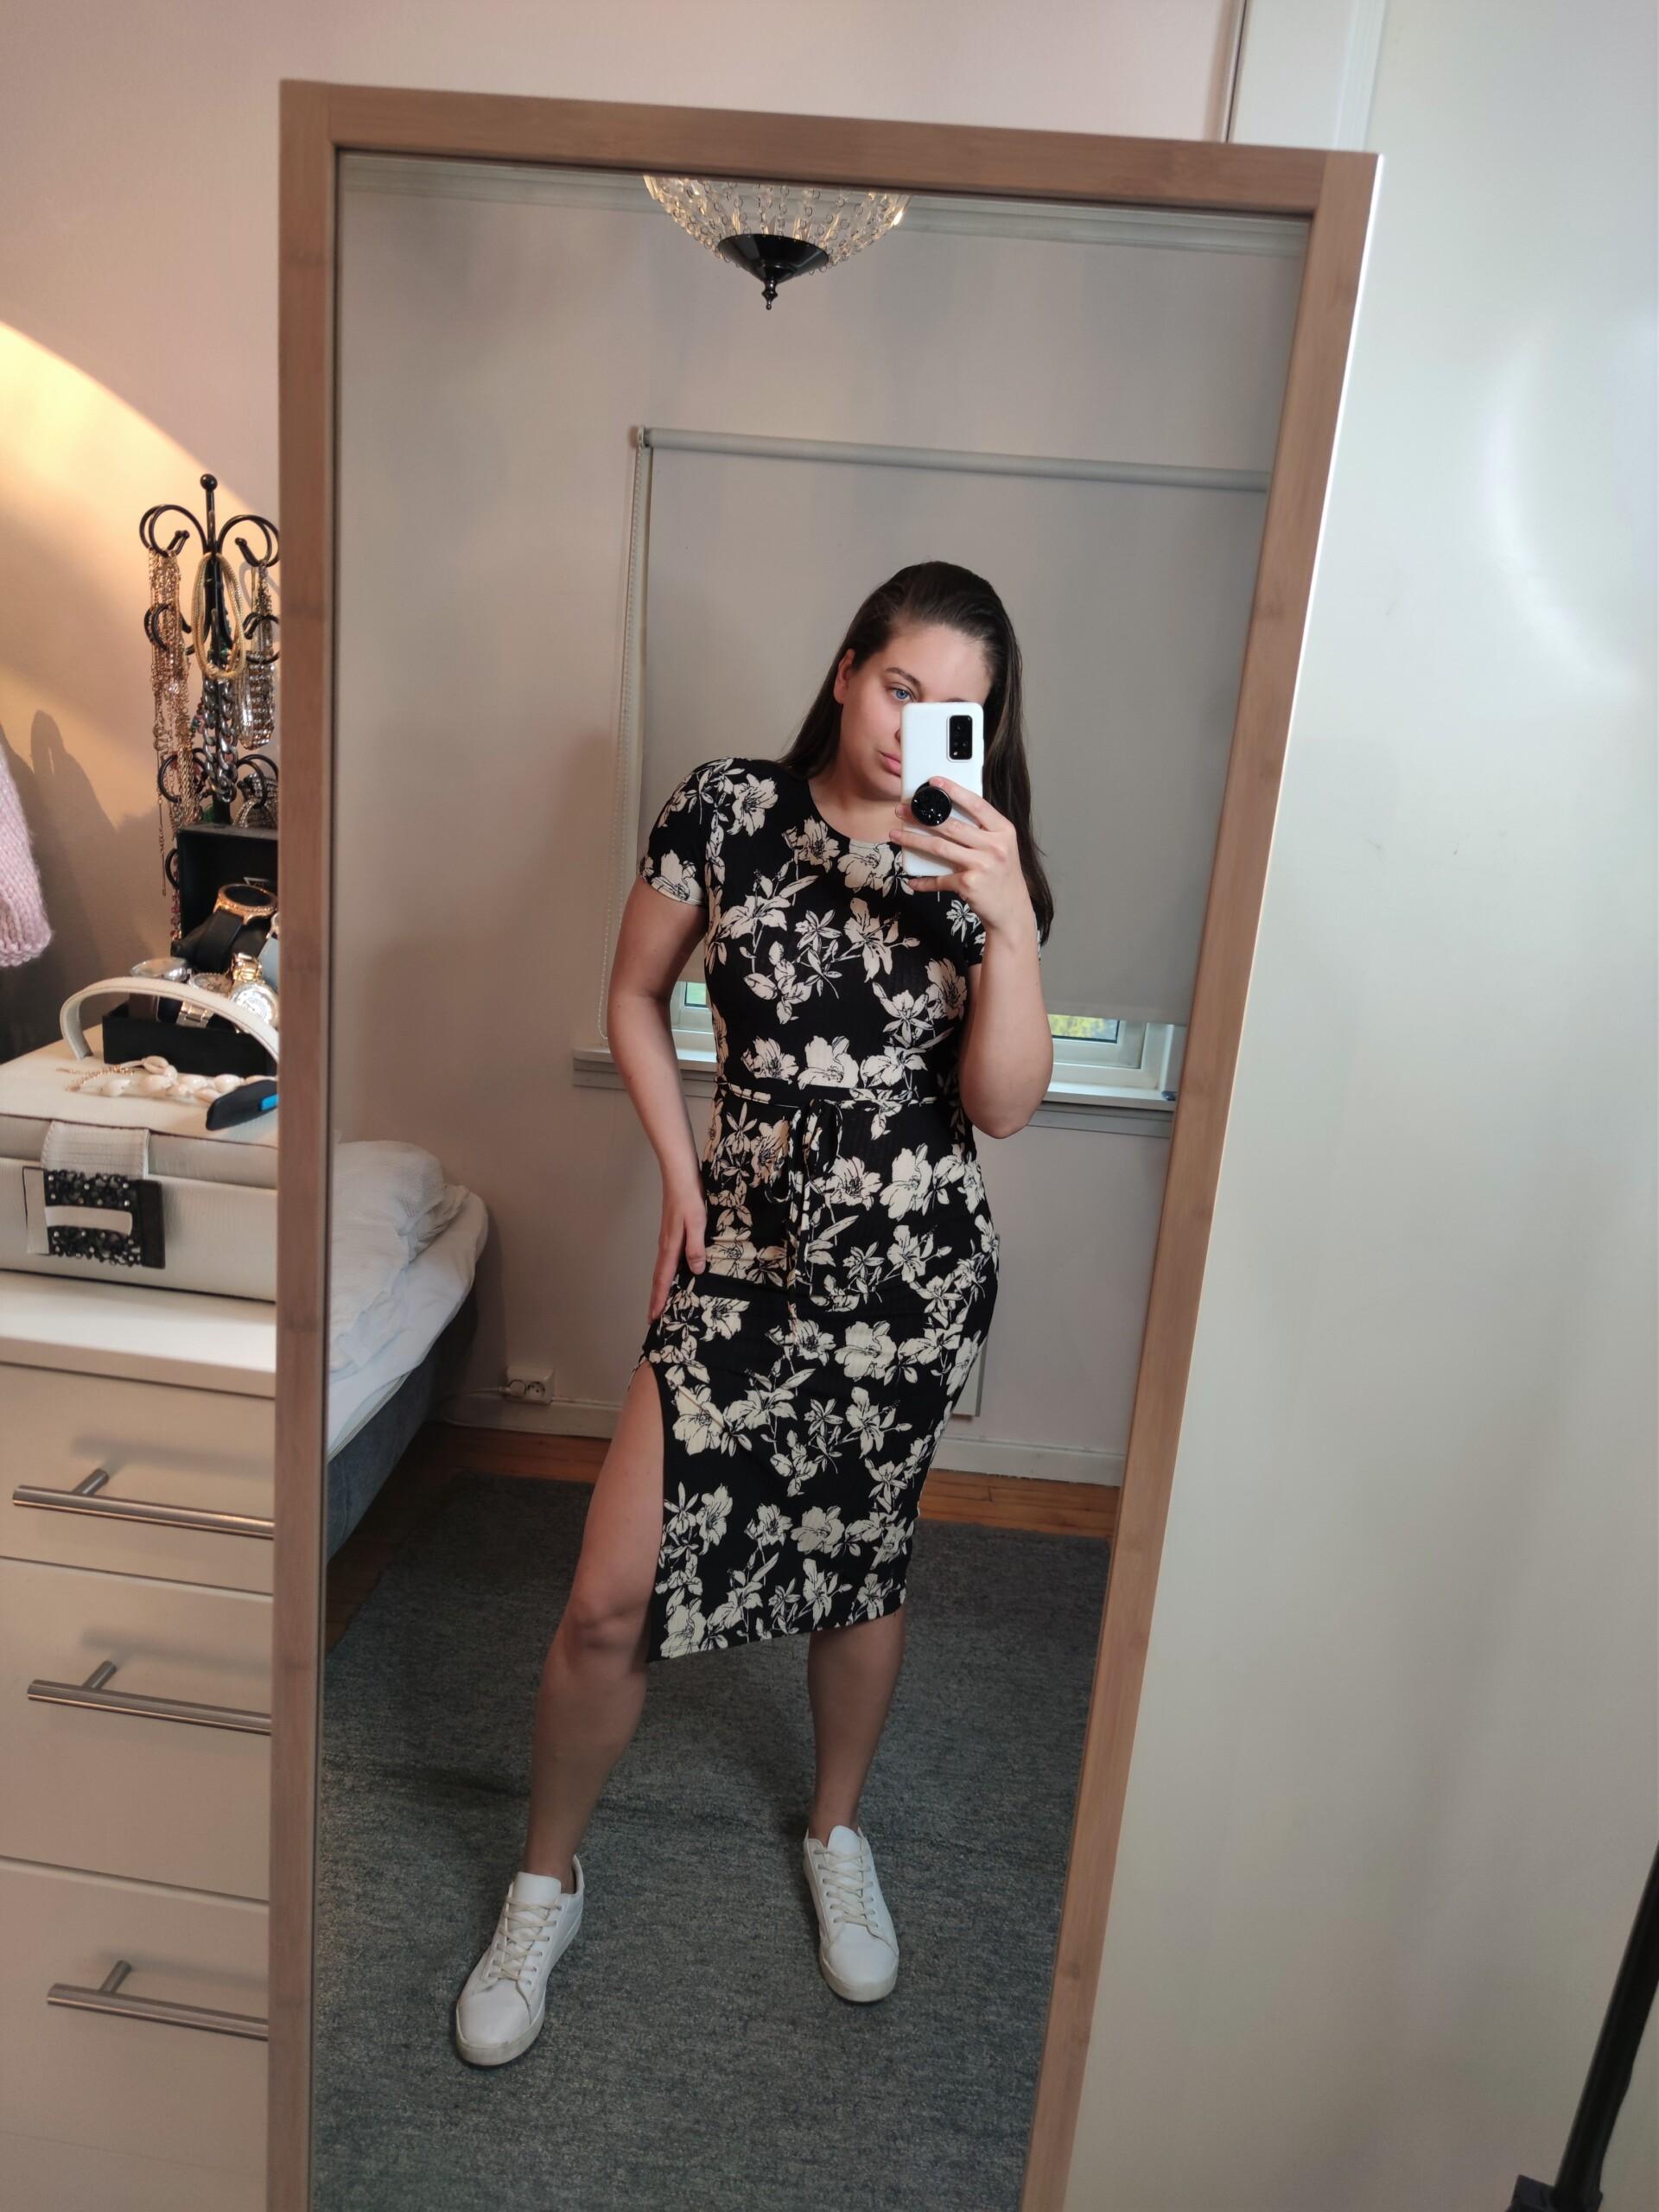 kjoler-bubbleroom-bubbleroomstyle-style-fashion-trend-stil-mote-newin-innkjøp-klær-nytt-nyeinnkjøp-posere-isalicious-isalicious1-isalicious.blogg.no-toppblogger-17mai-blogger-blogg-17.mai-